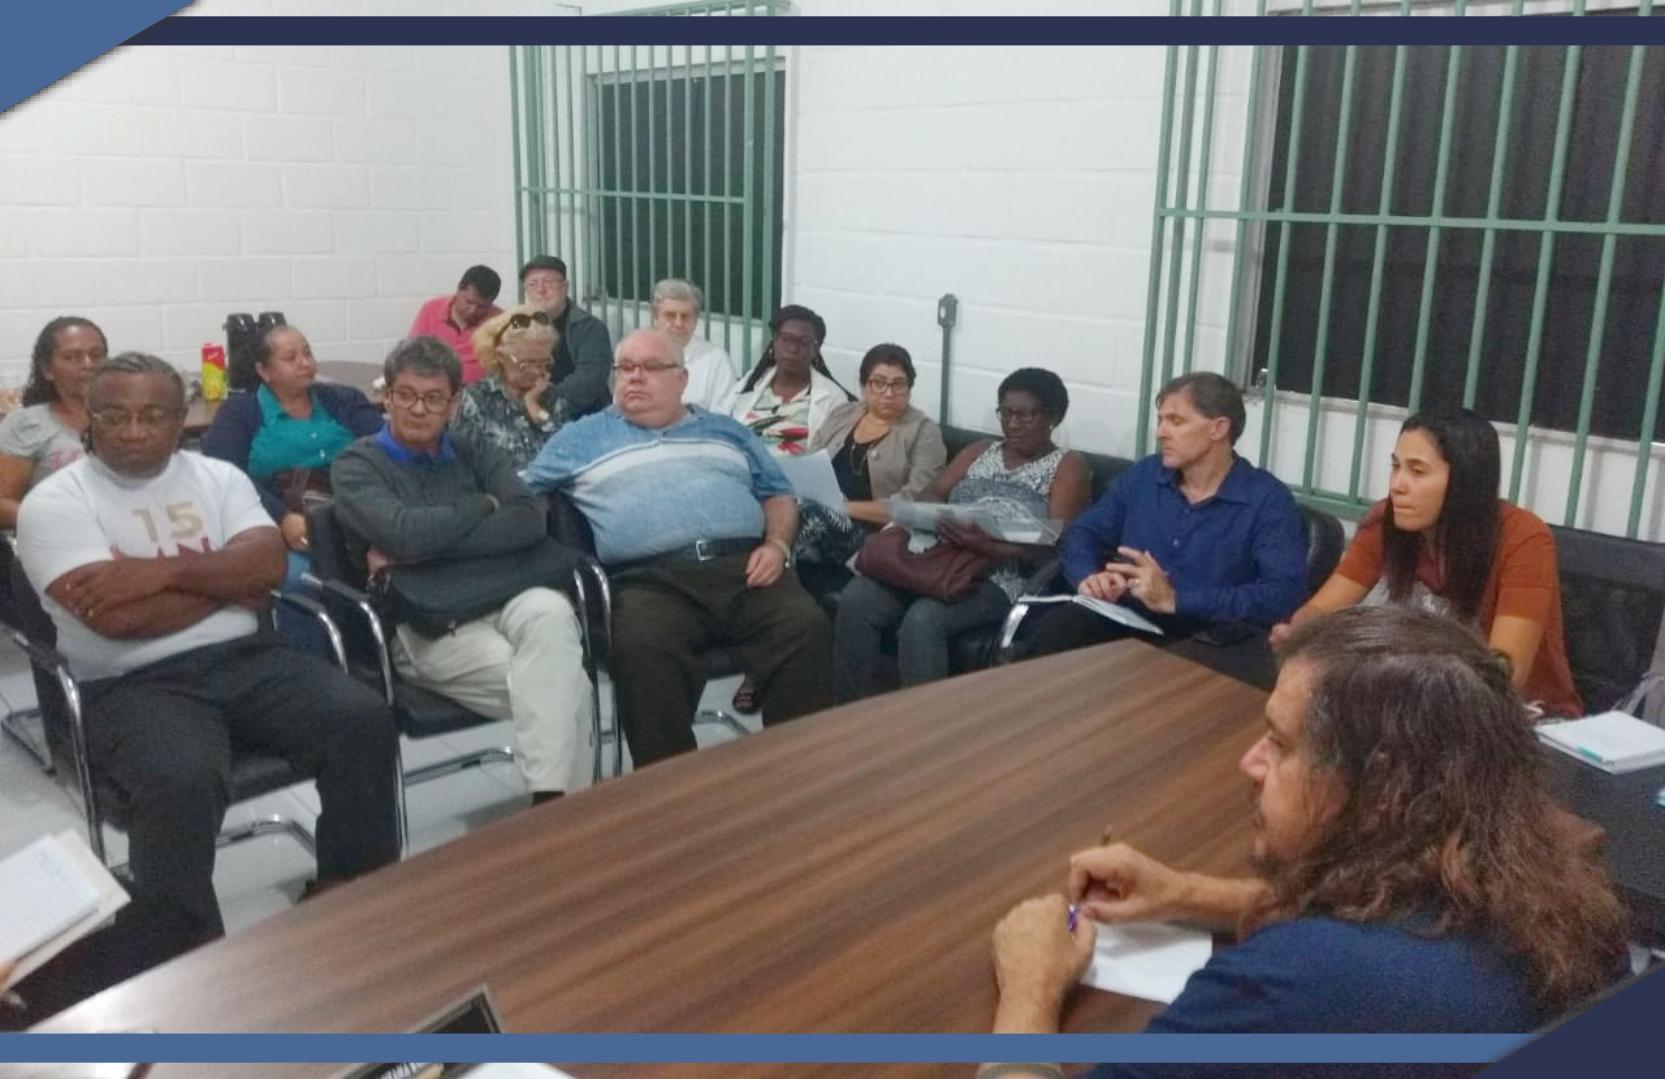 PREFEITURA E PASTORAIS DE SÃO MATEUS REALIZARÃO SEMINÁRIO SOBRE POLÍTICAS PÚBLICAS